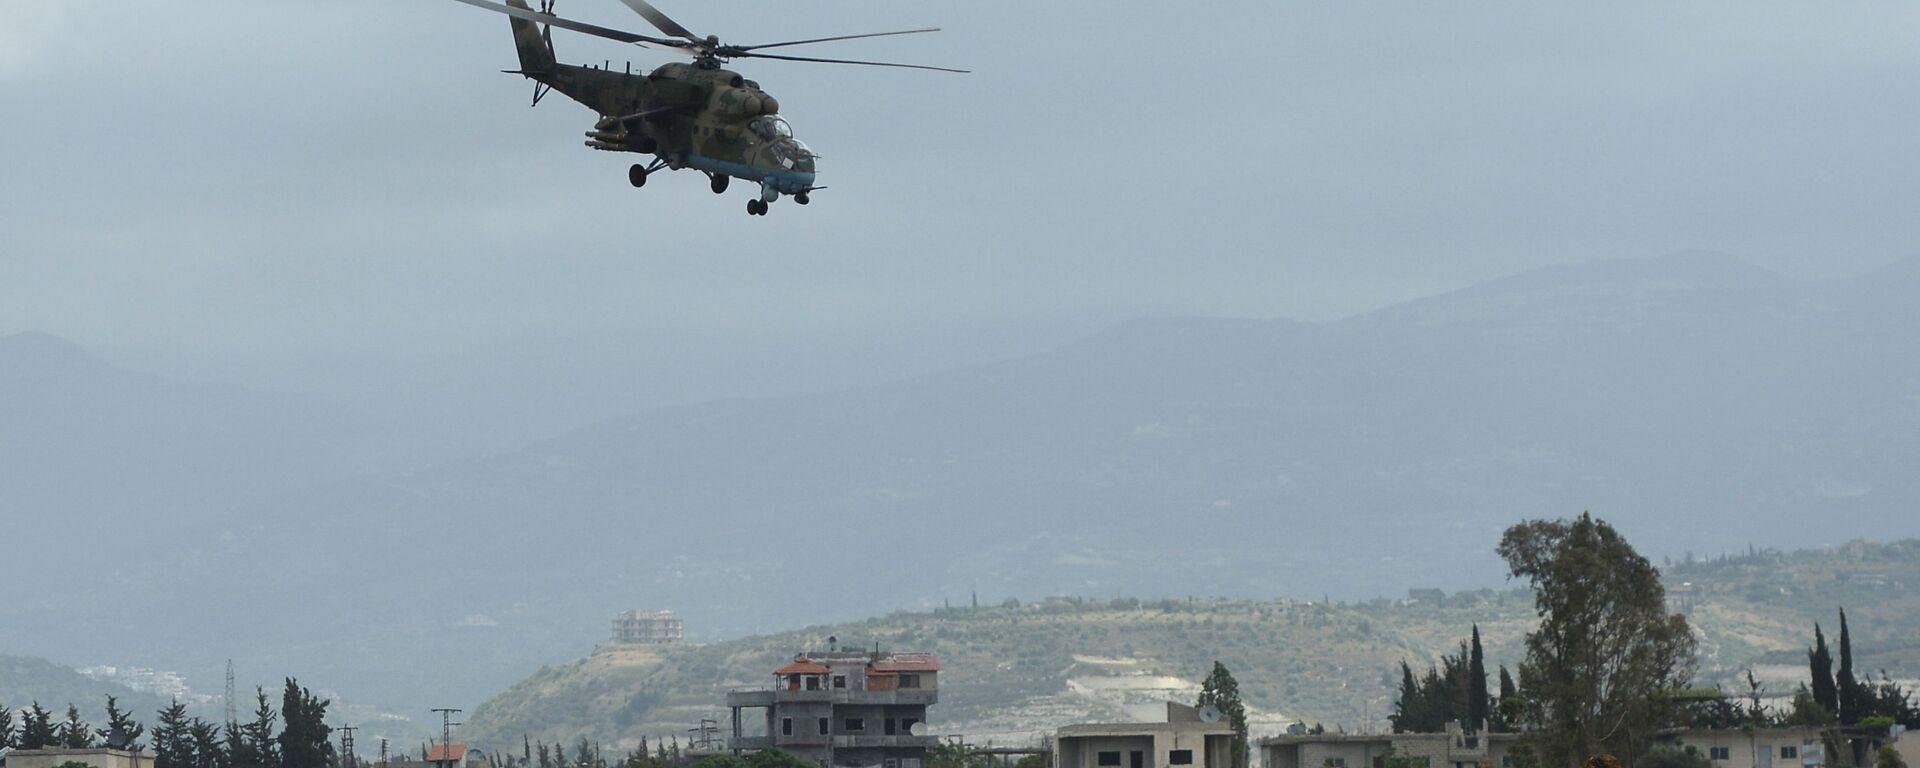 Ruski helikopter Mi-35 obleće aviobazu Hmejmim u Siriji - Sputnik Srbija, 1920, 27.09.2021